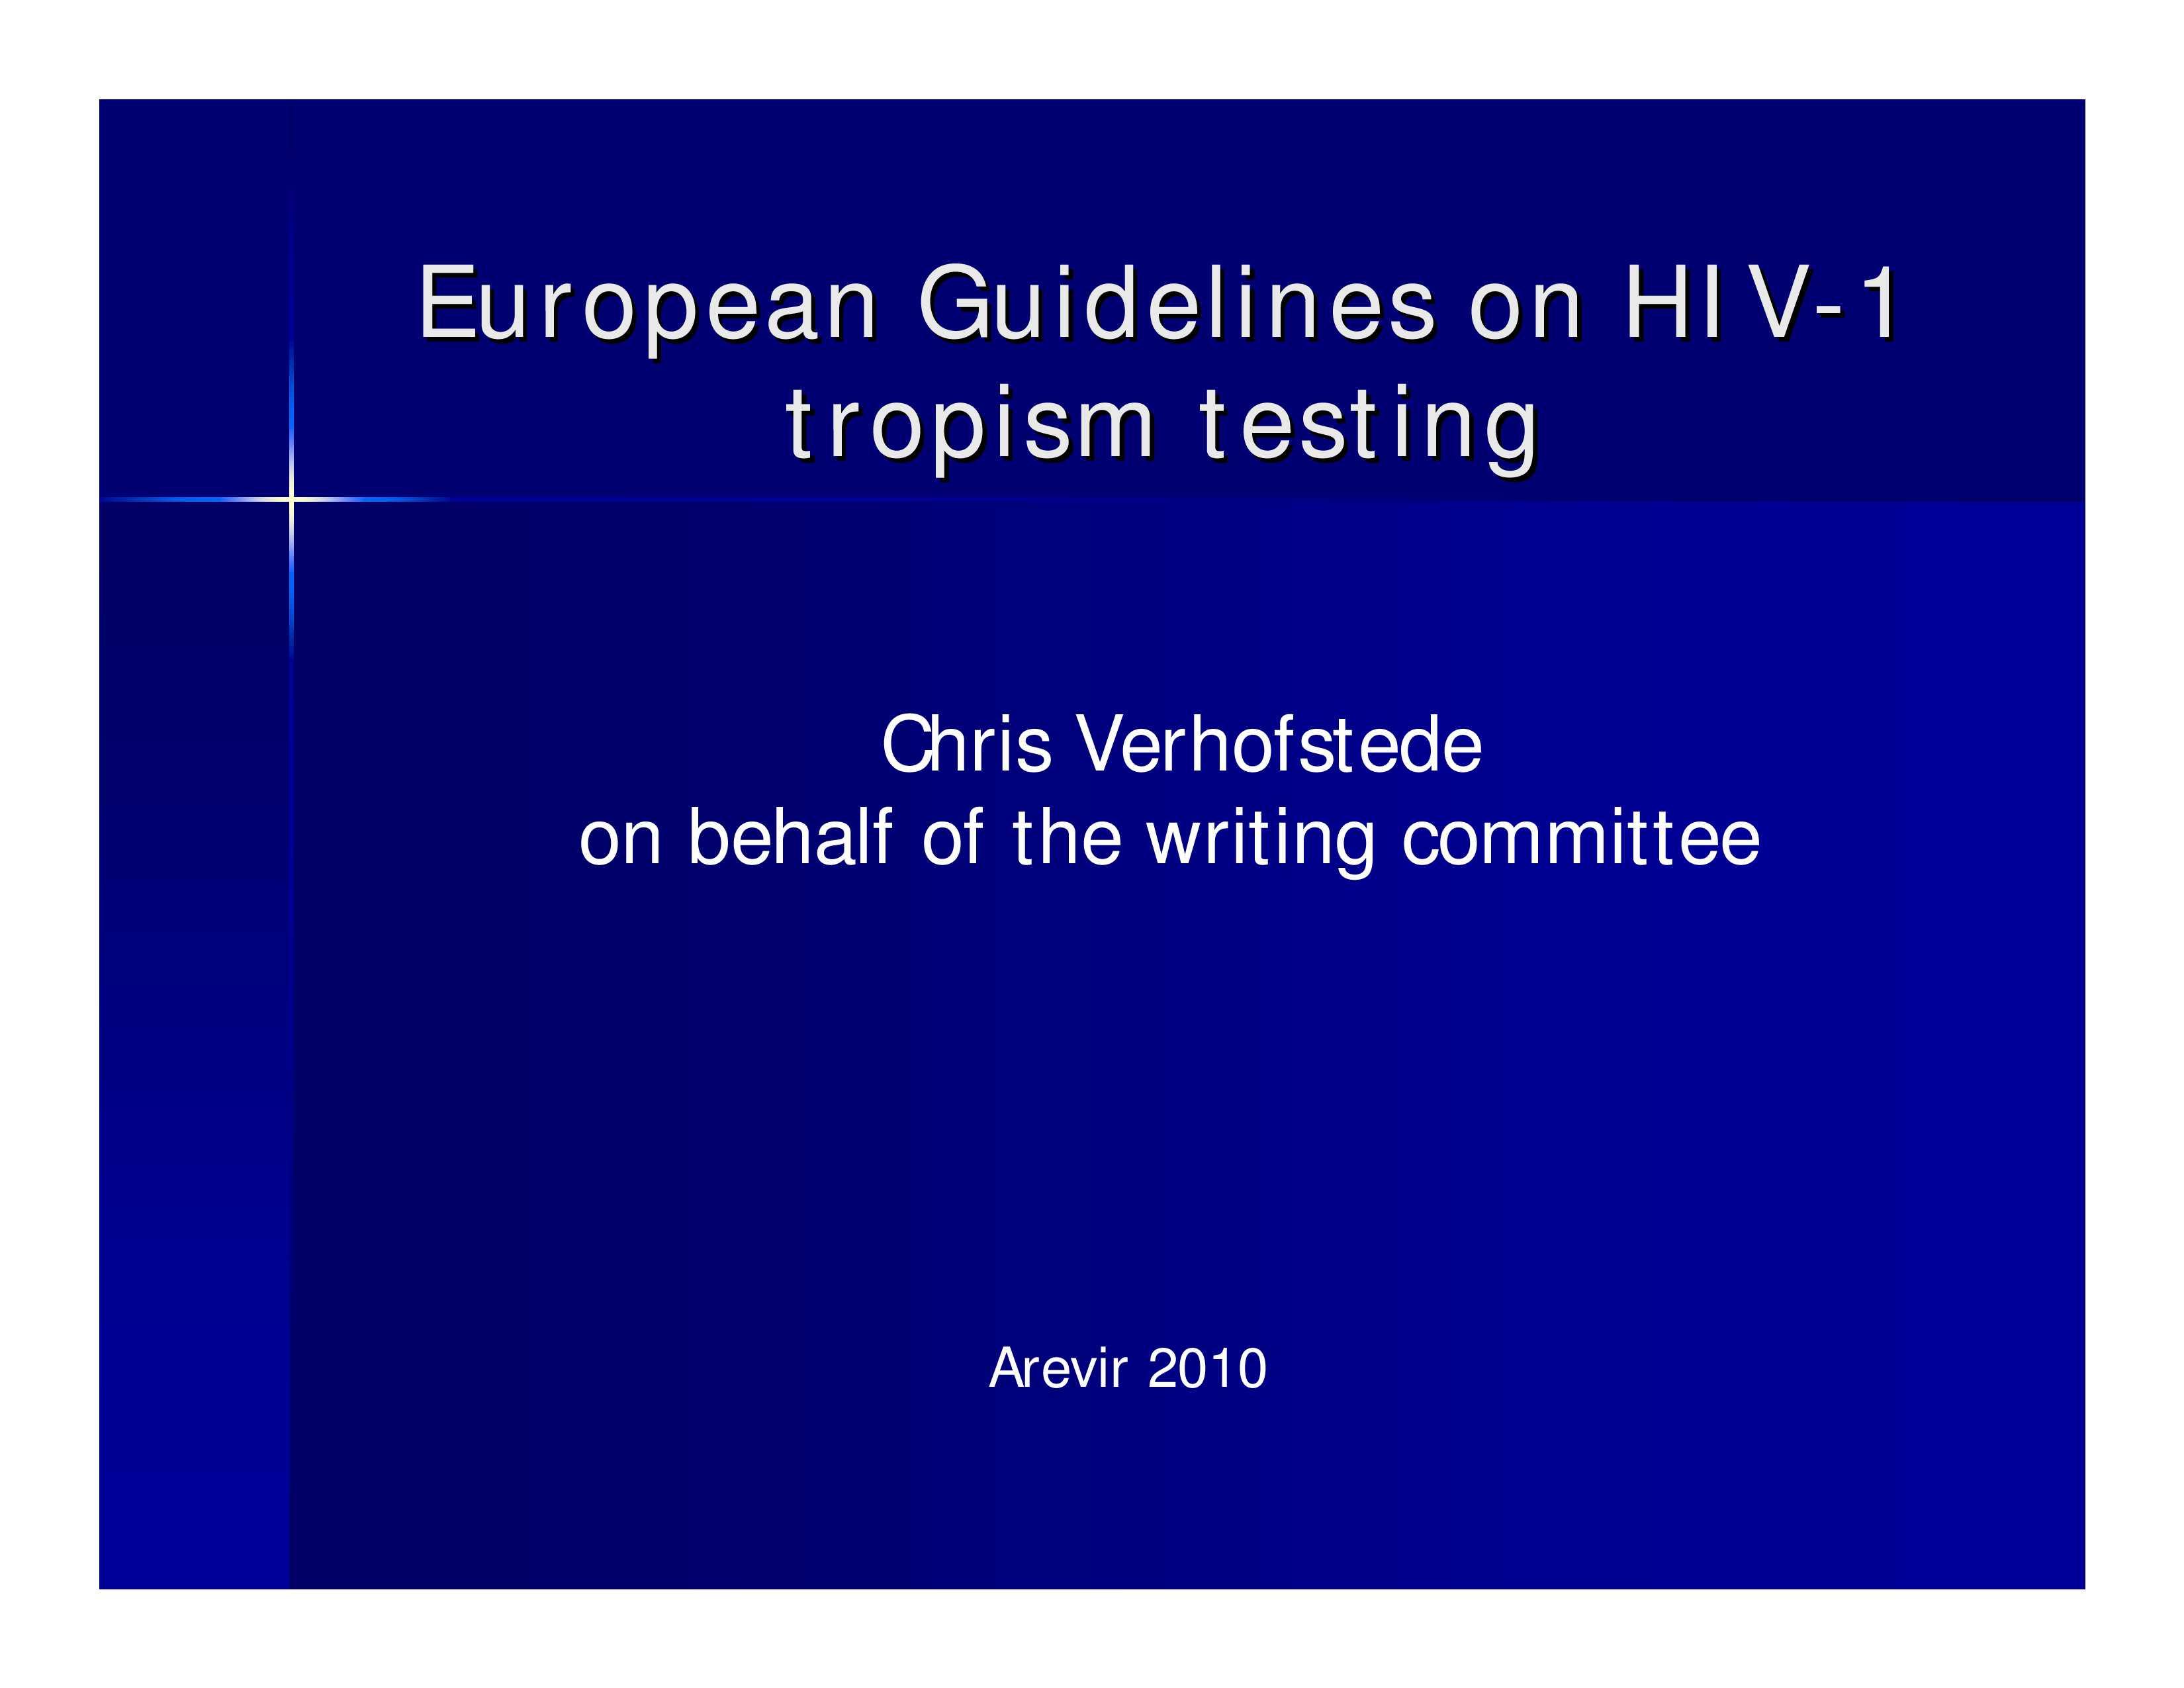 01_Verhofstede_GuidelinesTropismArevir2010-000001.jpeg